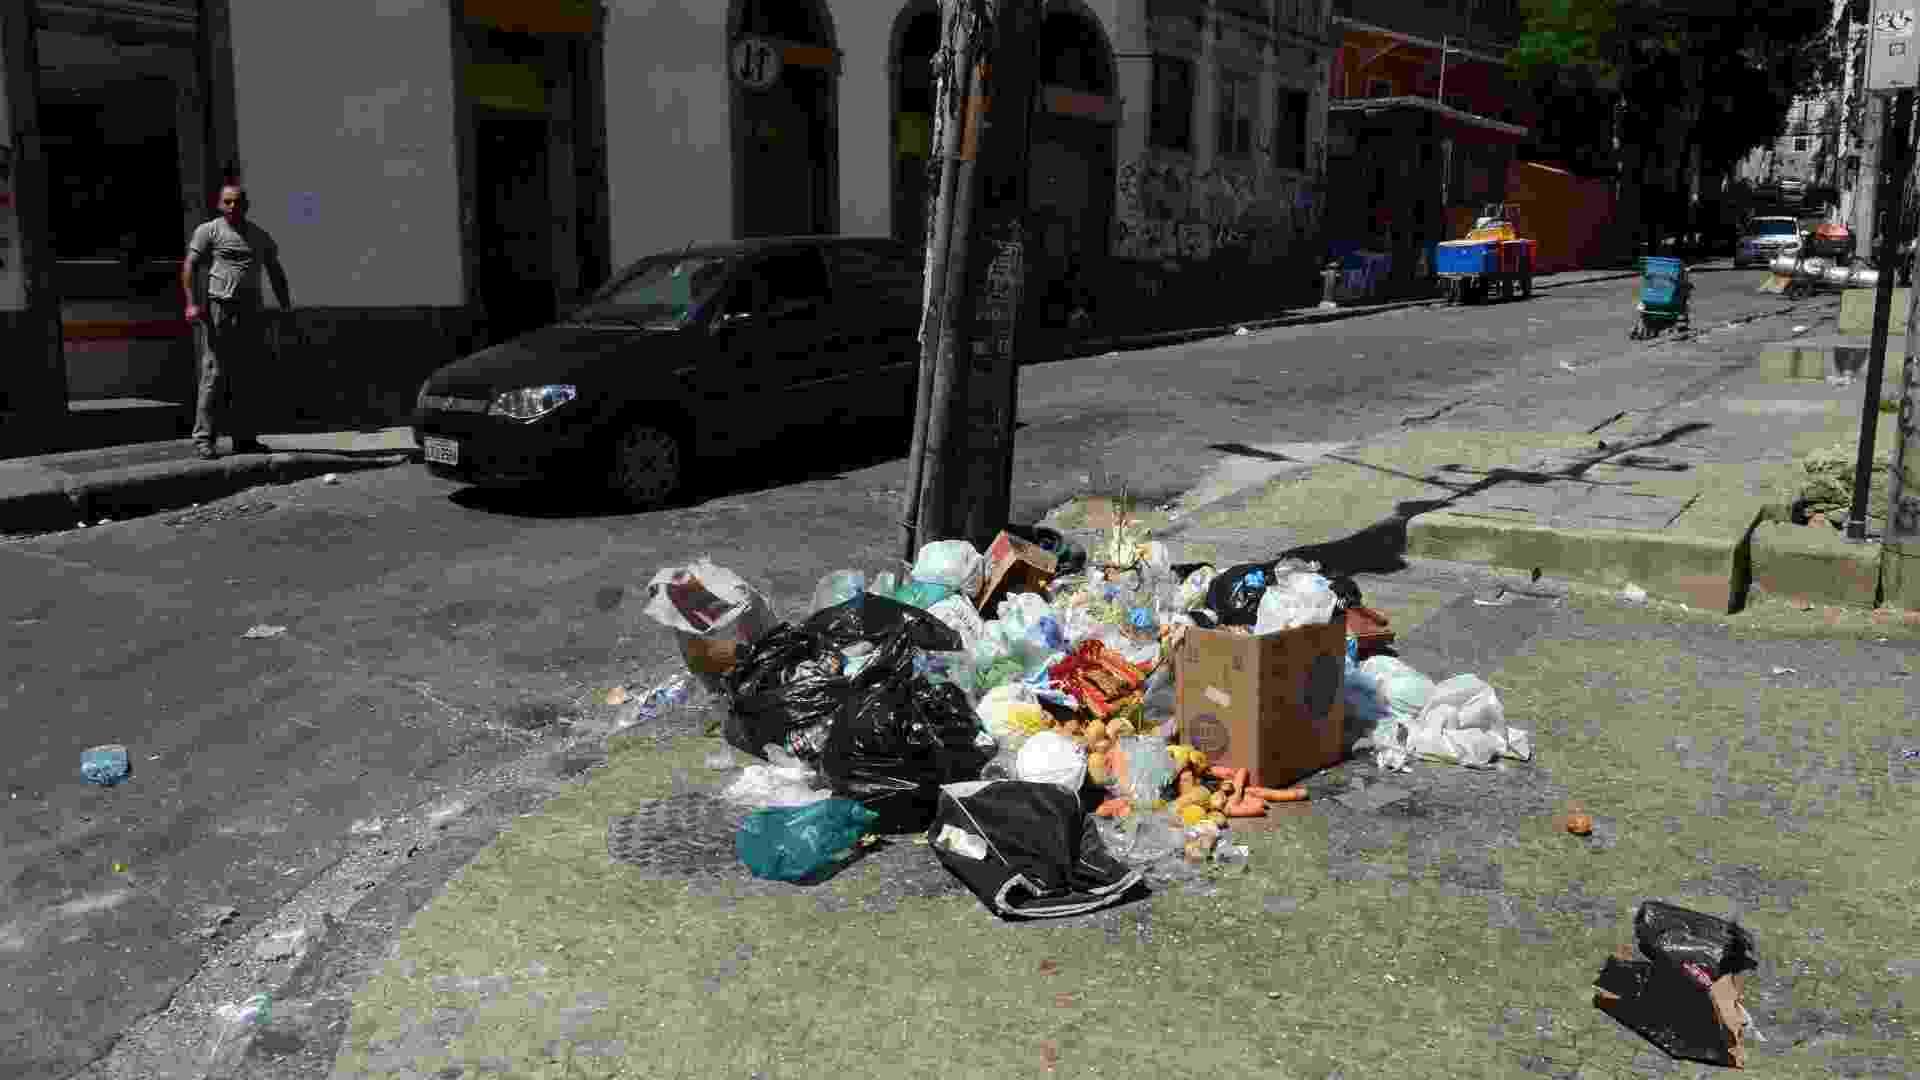 13.fev.2013 - Na rua da Lapa, no Rio de Janeiro, lixo ainda esperava pela remoção da Comlurb (Companhia Municipal de Limpeza Urbana) na manhã desta Quarta-feira de Cinzas, após a passagem de dezenas de blocos de rua na cidade durante o Carnaval - Carlão Limeira/UOL